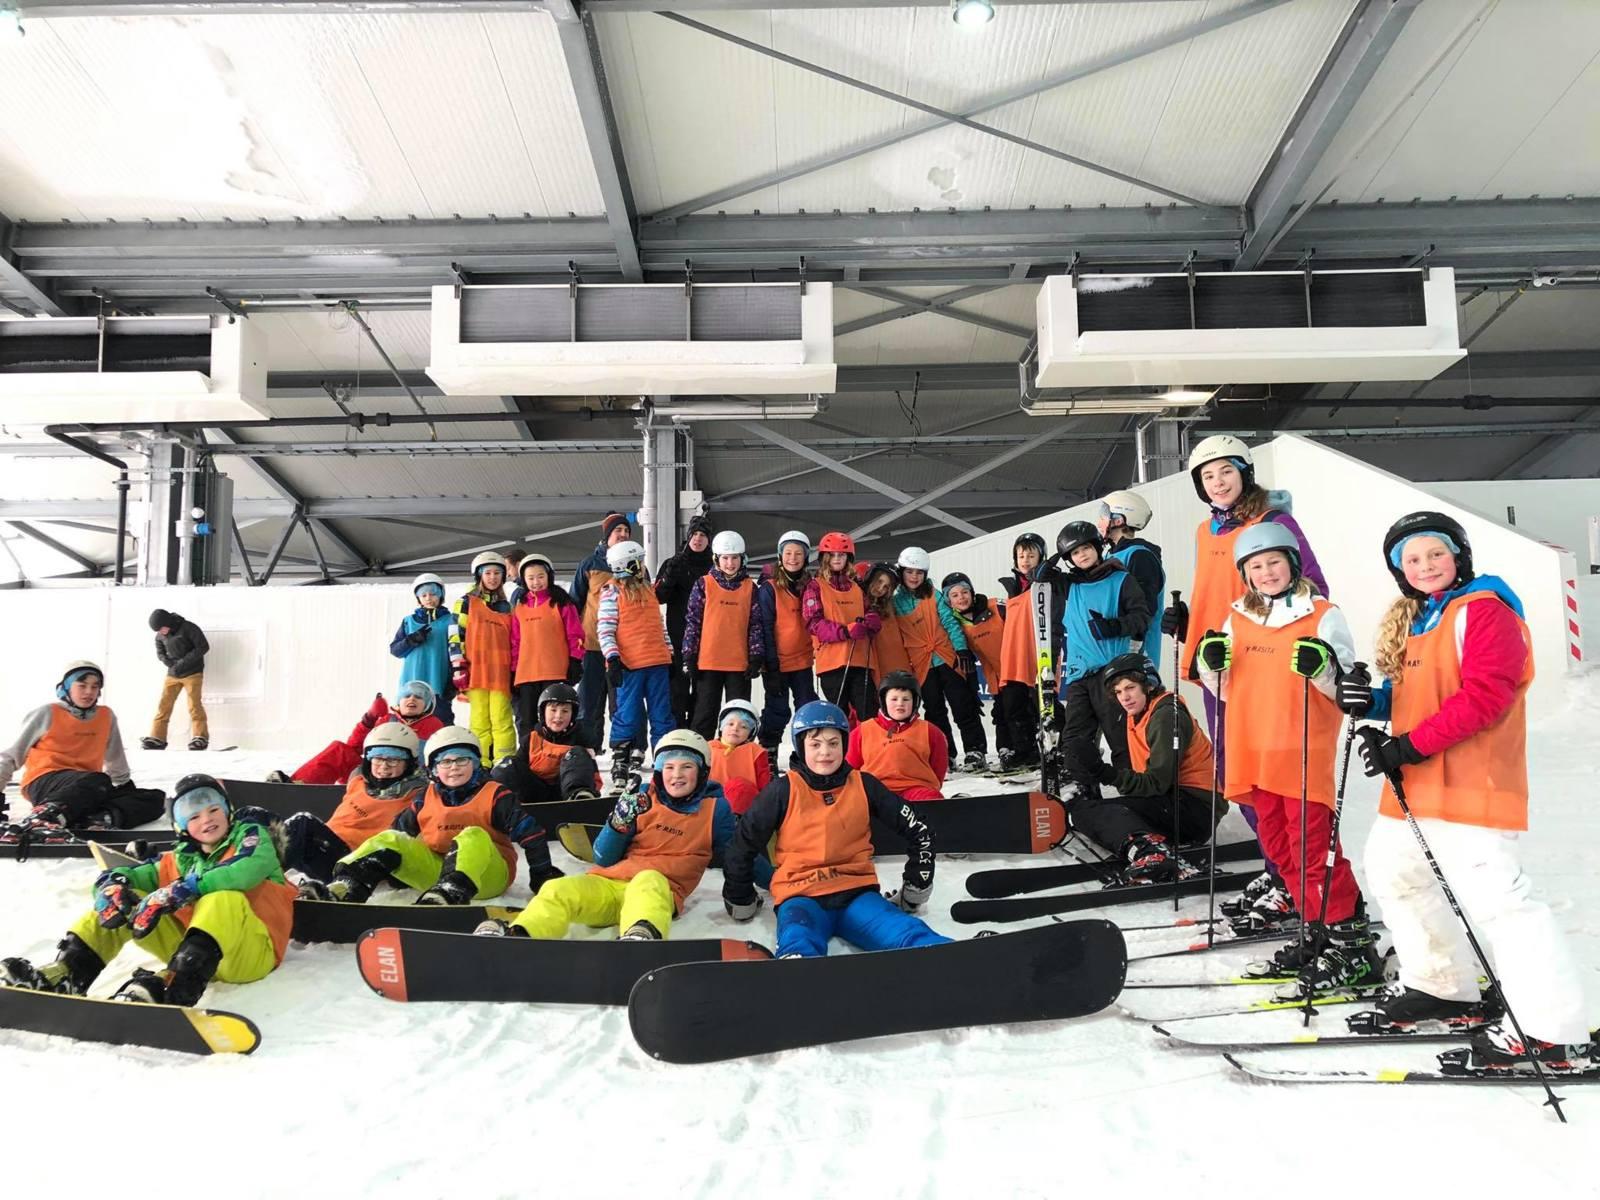 [2022] Indoor ski in Snowvalley - Krokus - Peer